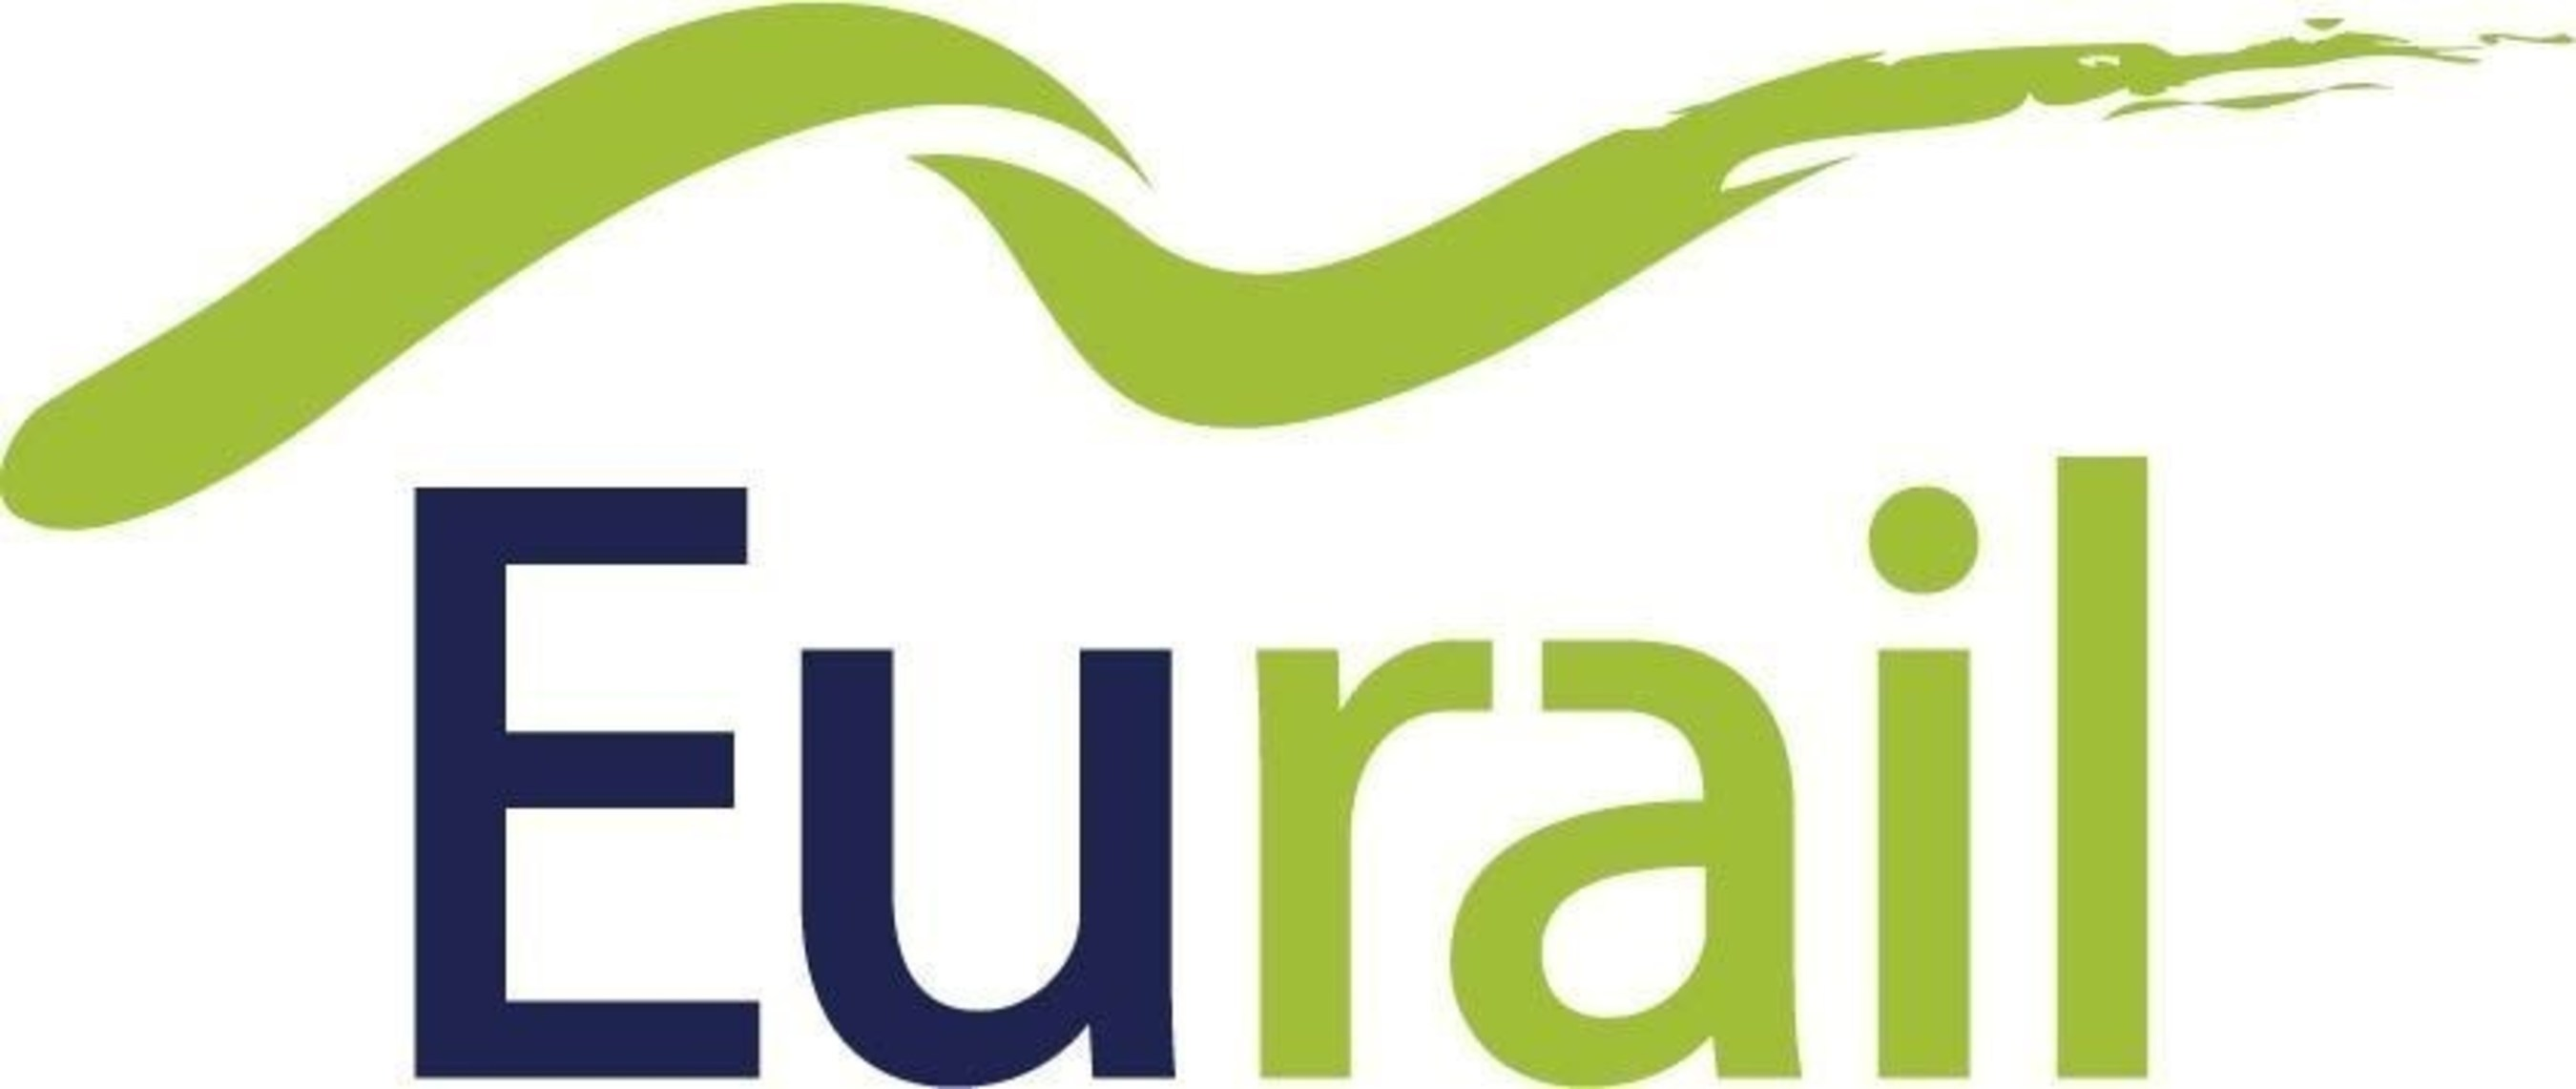 Eurail conecta passageiros com cartão SIM gratuito já pré-carregado